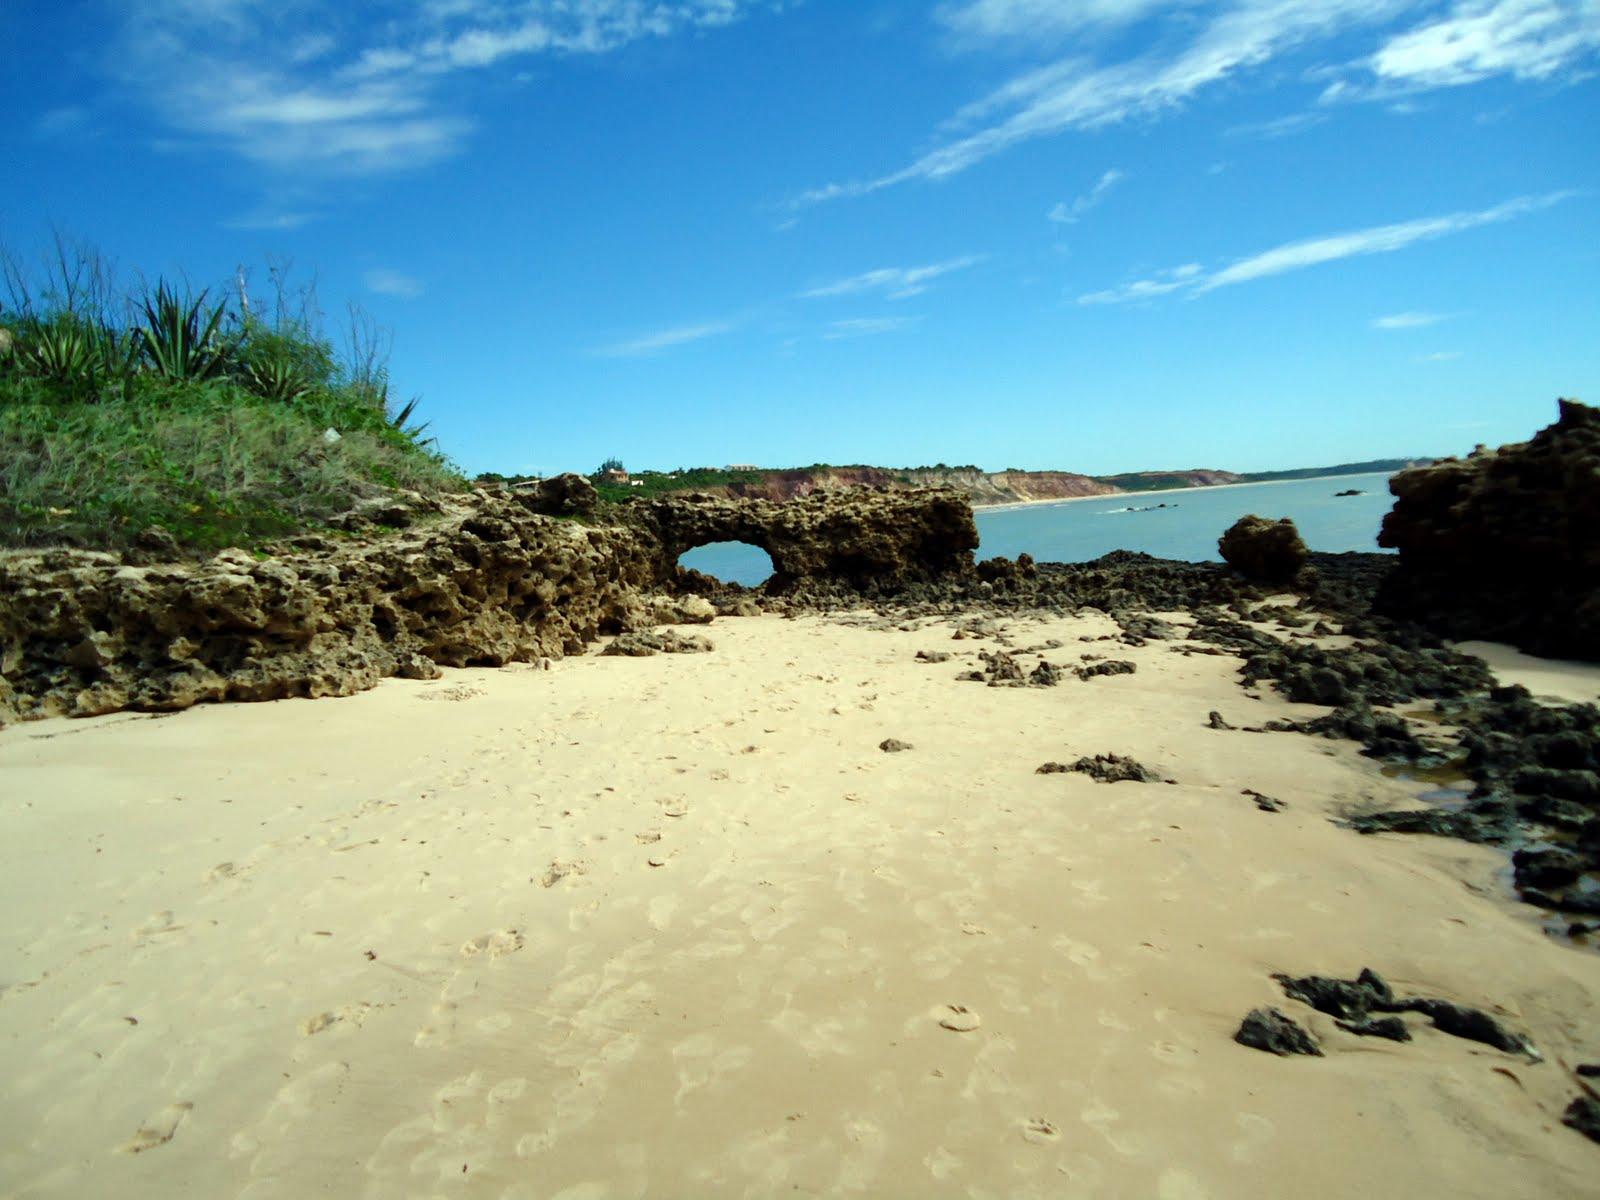 pb turismo jampa litoral paraibano